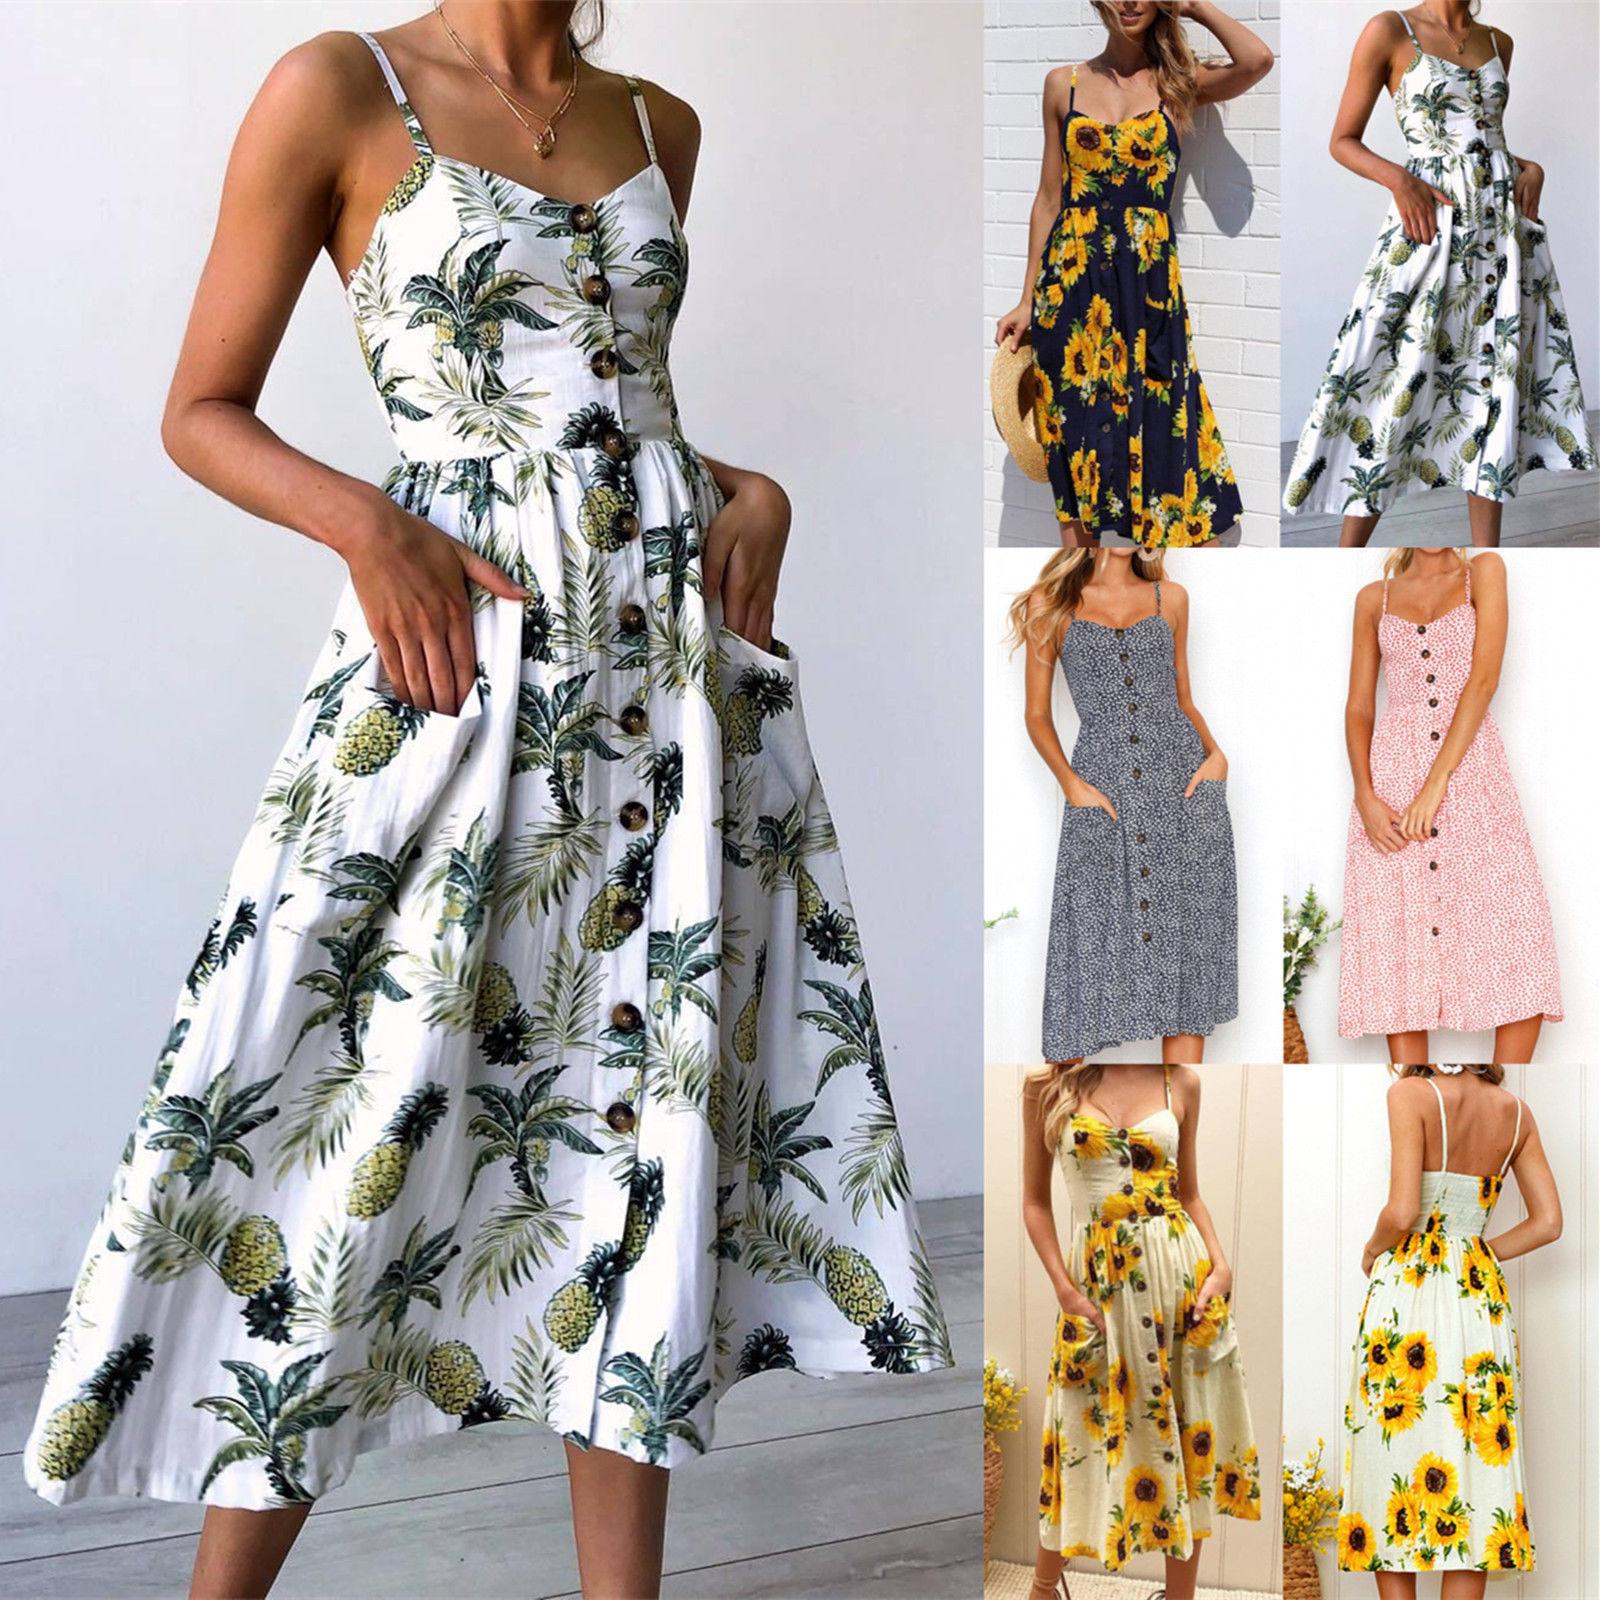 He34ab569cc604f42b852f39aed127347w - Vestidos Estampados 2021: 90 Looks Inspirações, Trends